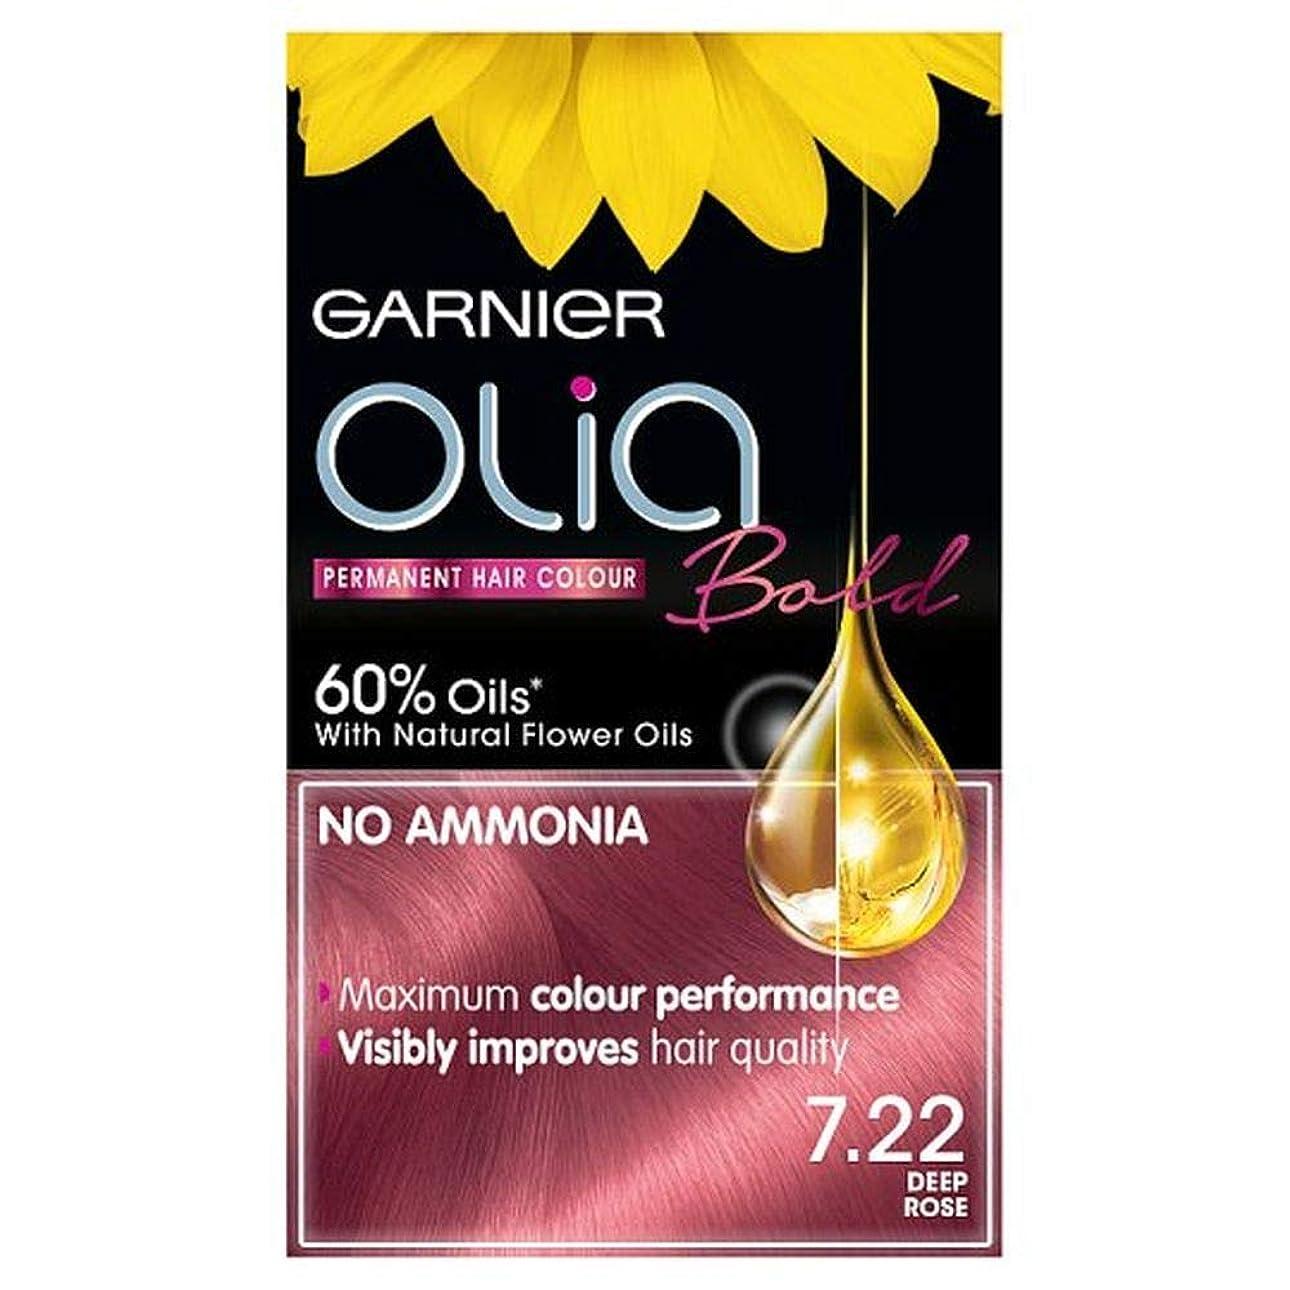 にんじん飛び込むケイ素[Garnier ] ガルニエOlia大胆な深いは永久染毛剤をバラ - Garnier Olia Bold Deep Rose Permanent Hair Dye [並行輸入品]